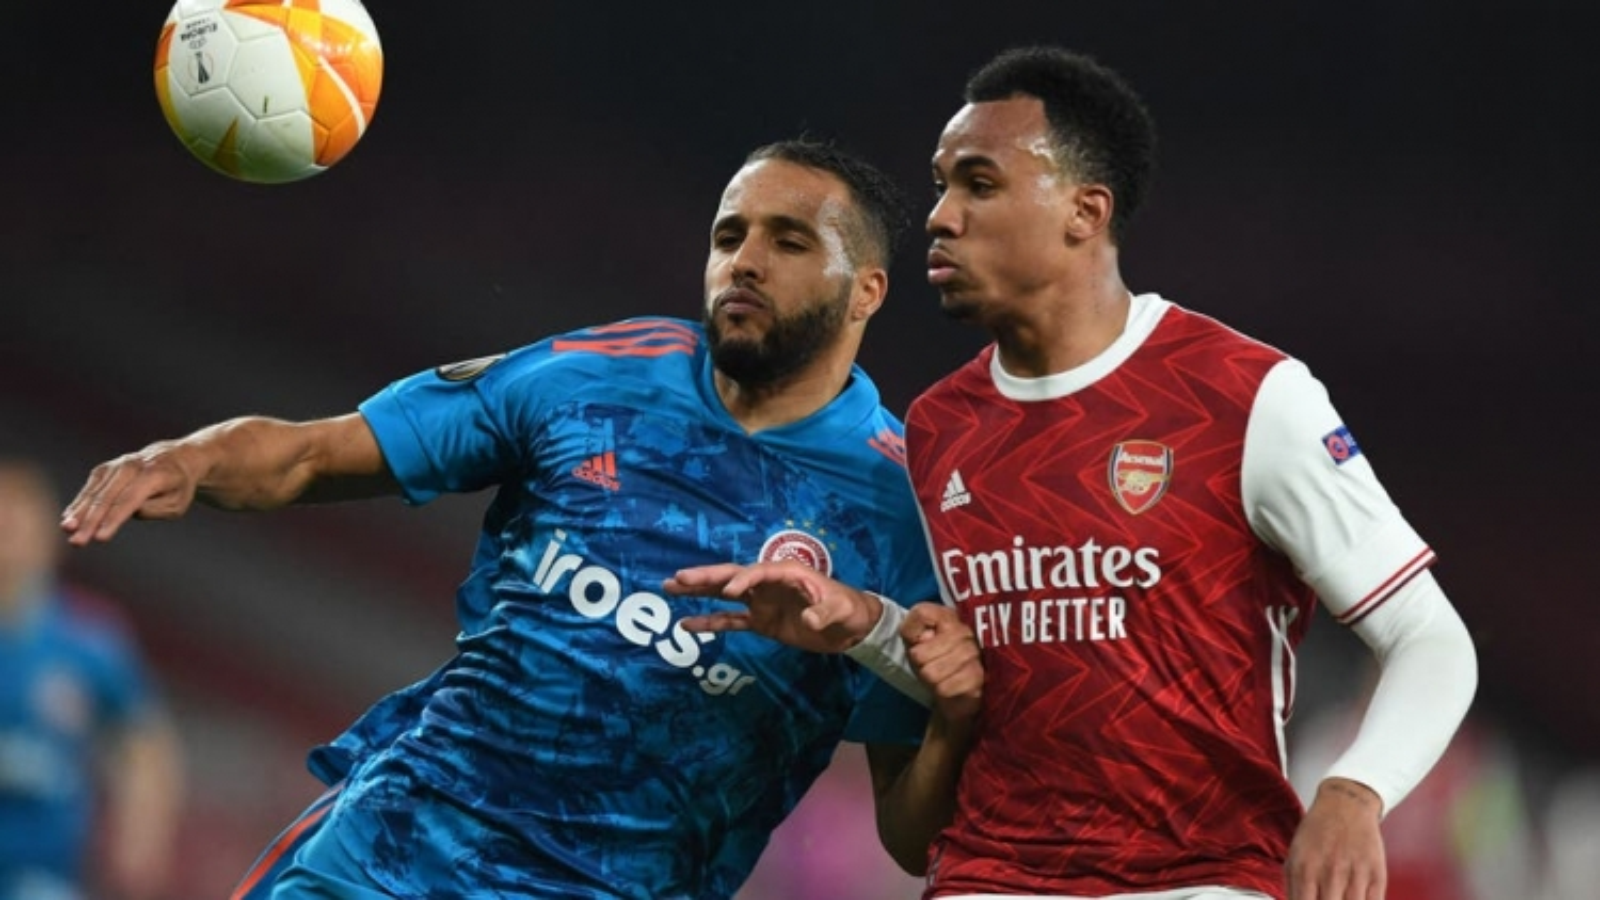 Thua Olympiacos trên sân nhà, Arsenal vất vả vào tứ kết Europa League